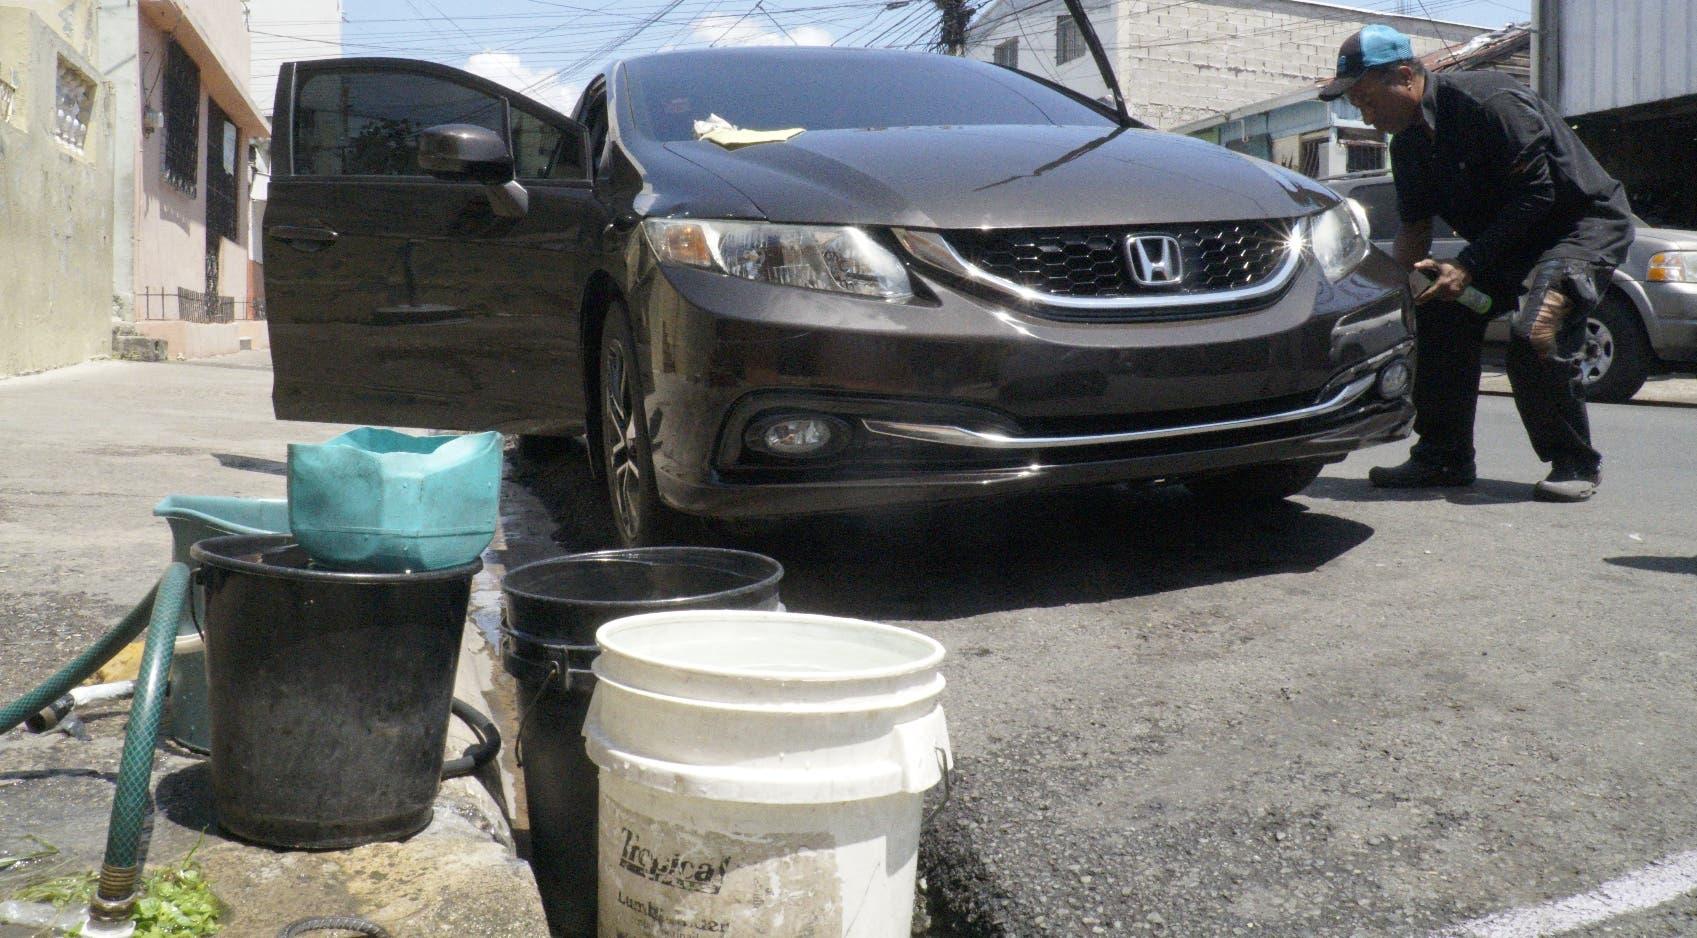 Los lavaderos de vehículos  improvisados continúan operando normalmente en sectores a pesar de la sequía. Elieser Tapia